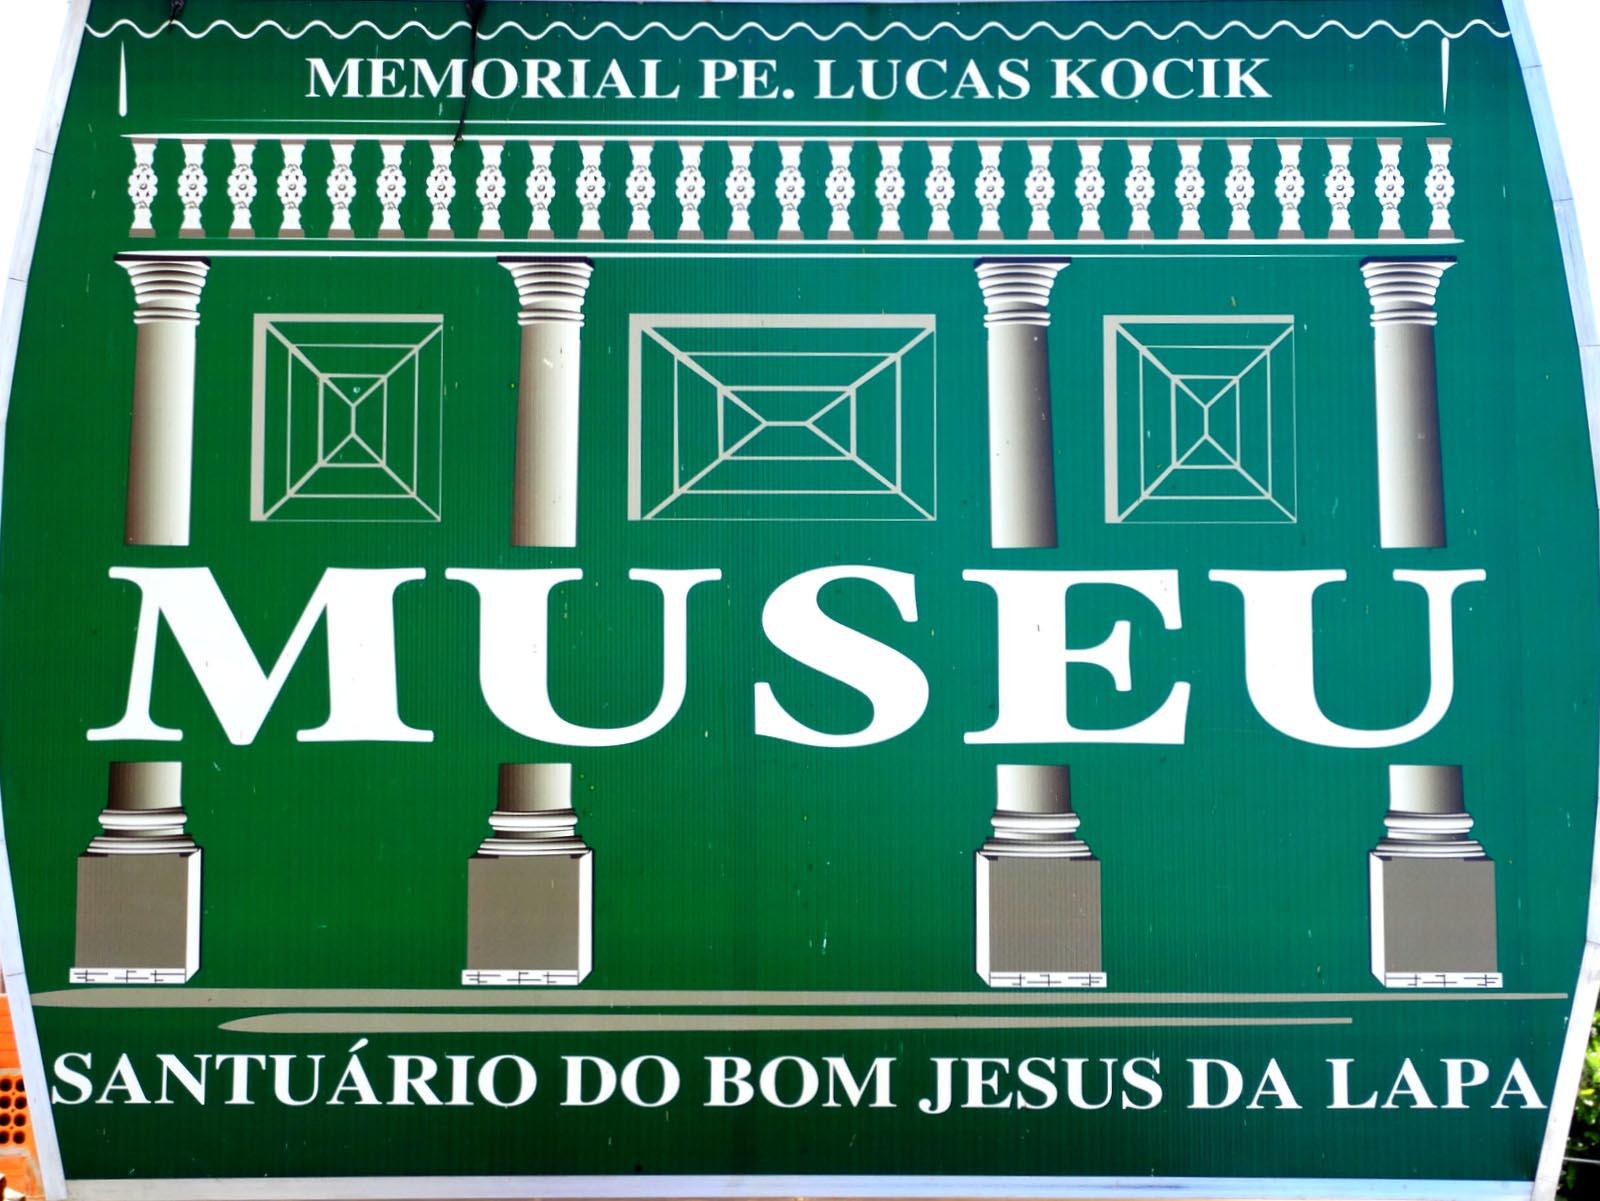 Museu do Santuário Bom Jesus da Lapa